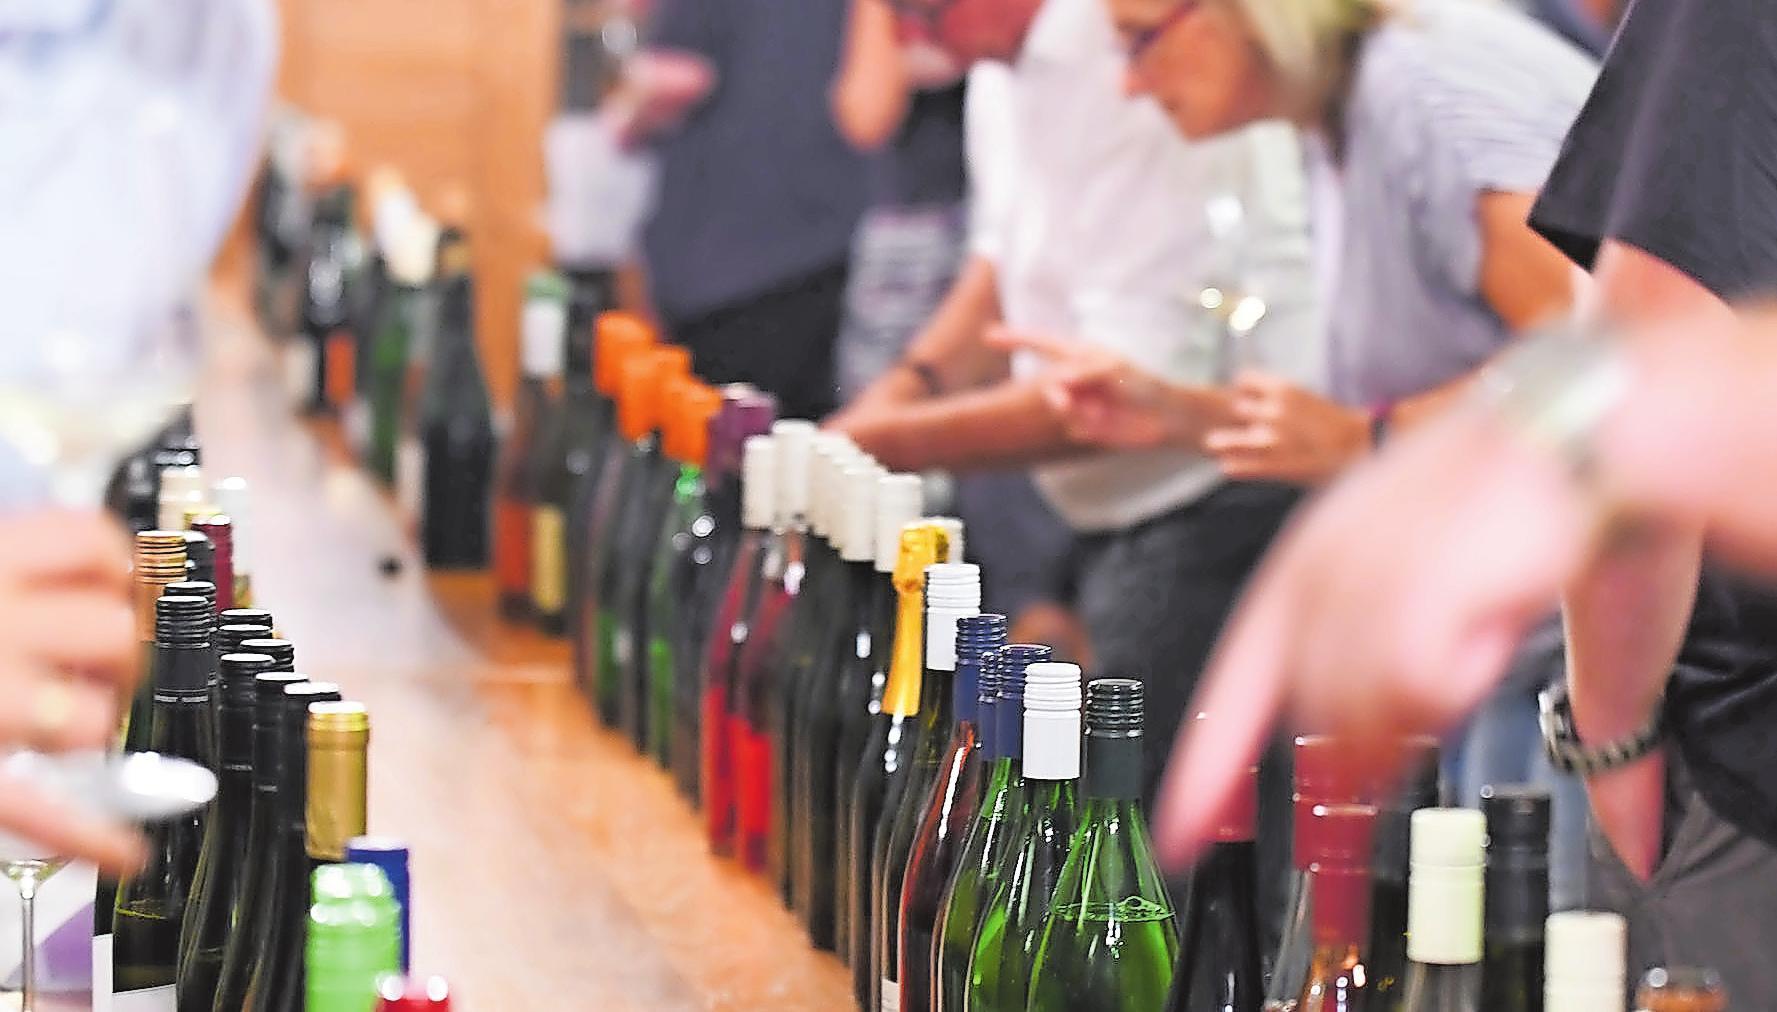 Die Wurstmarktweine werden vorab mehrfach verkostet und geprüft. FOTO: FRANCK